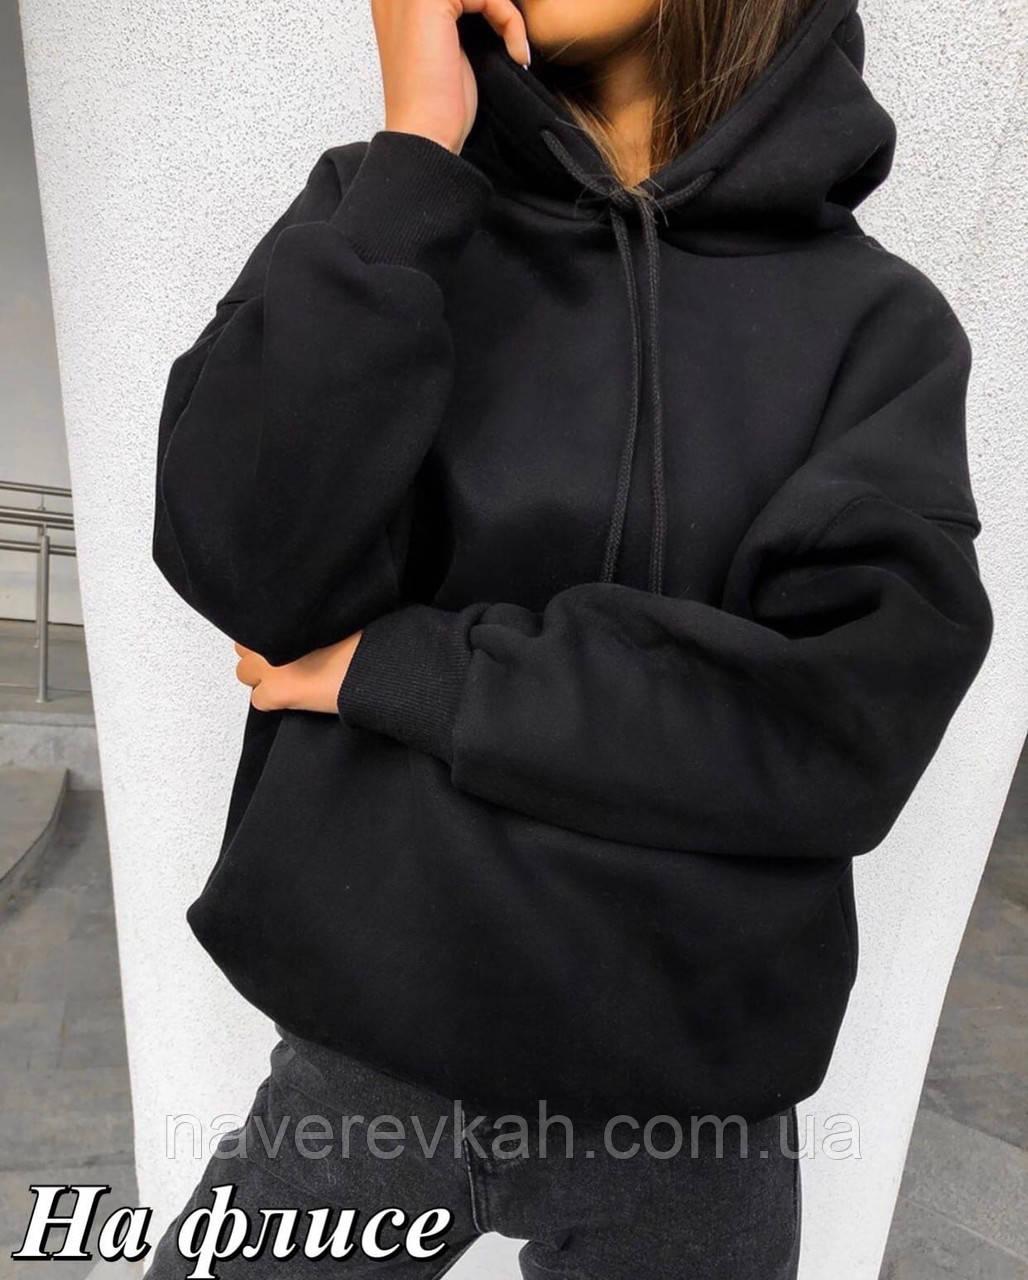 Женское худи теплое осеннее зимнее трехнить на флисе черное, белое, бежевое, пудровое 42-46 48-52 однотонное